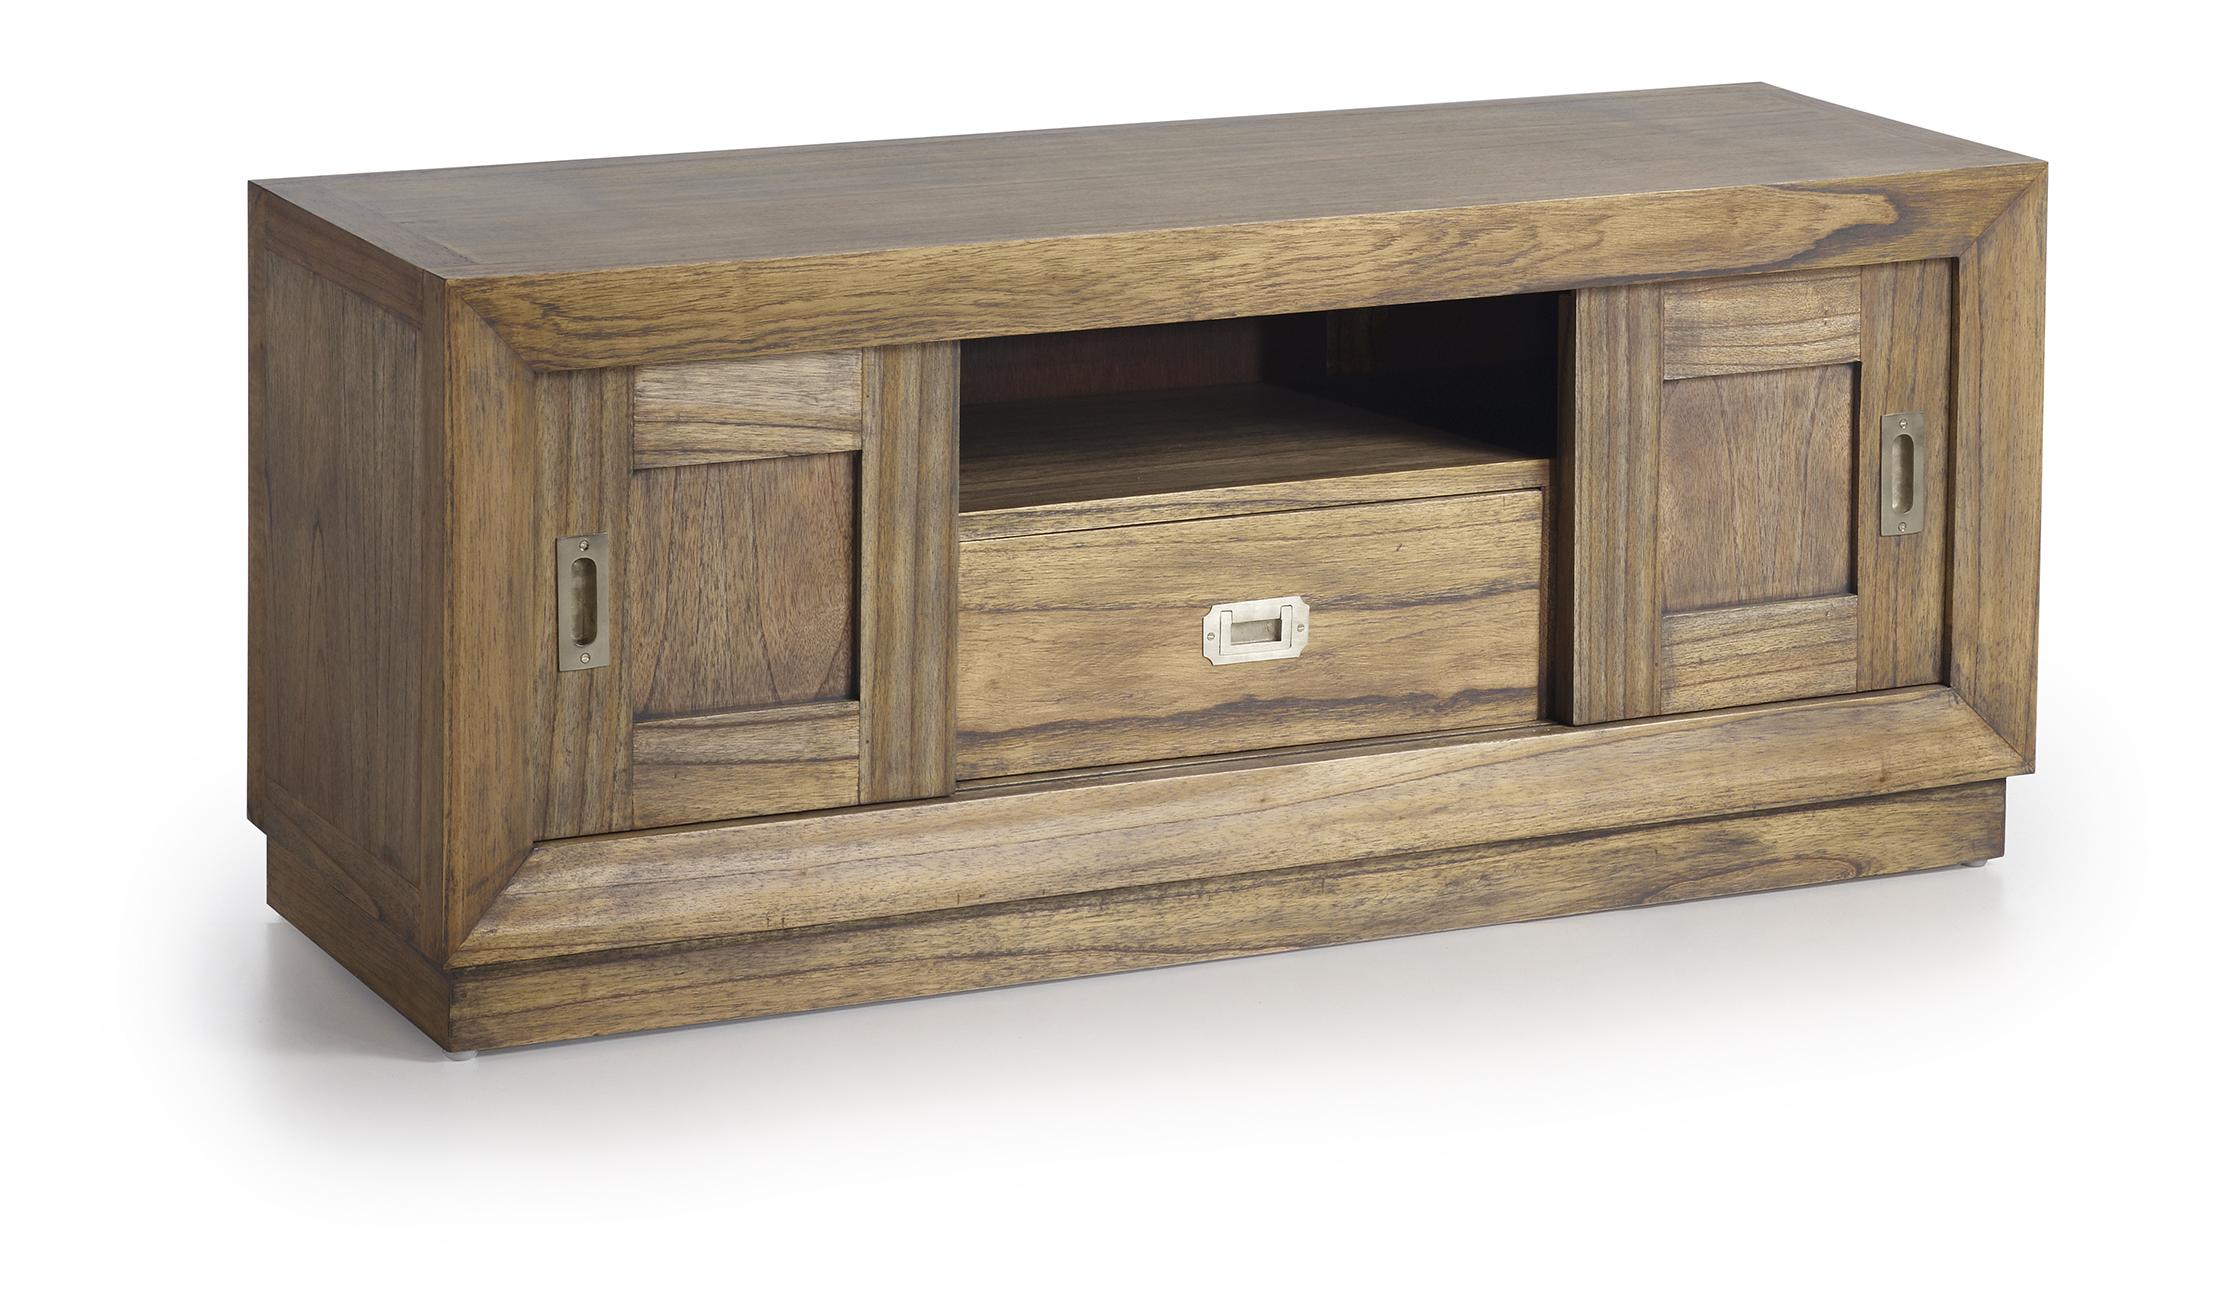 meuble t l en bois de mindy 2 portes coulissantes 1 niche 1 tiroir collection ronja. Black Bedroom Furniture Sets. Home Design Ideas